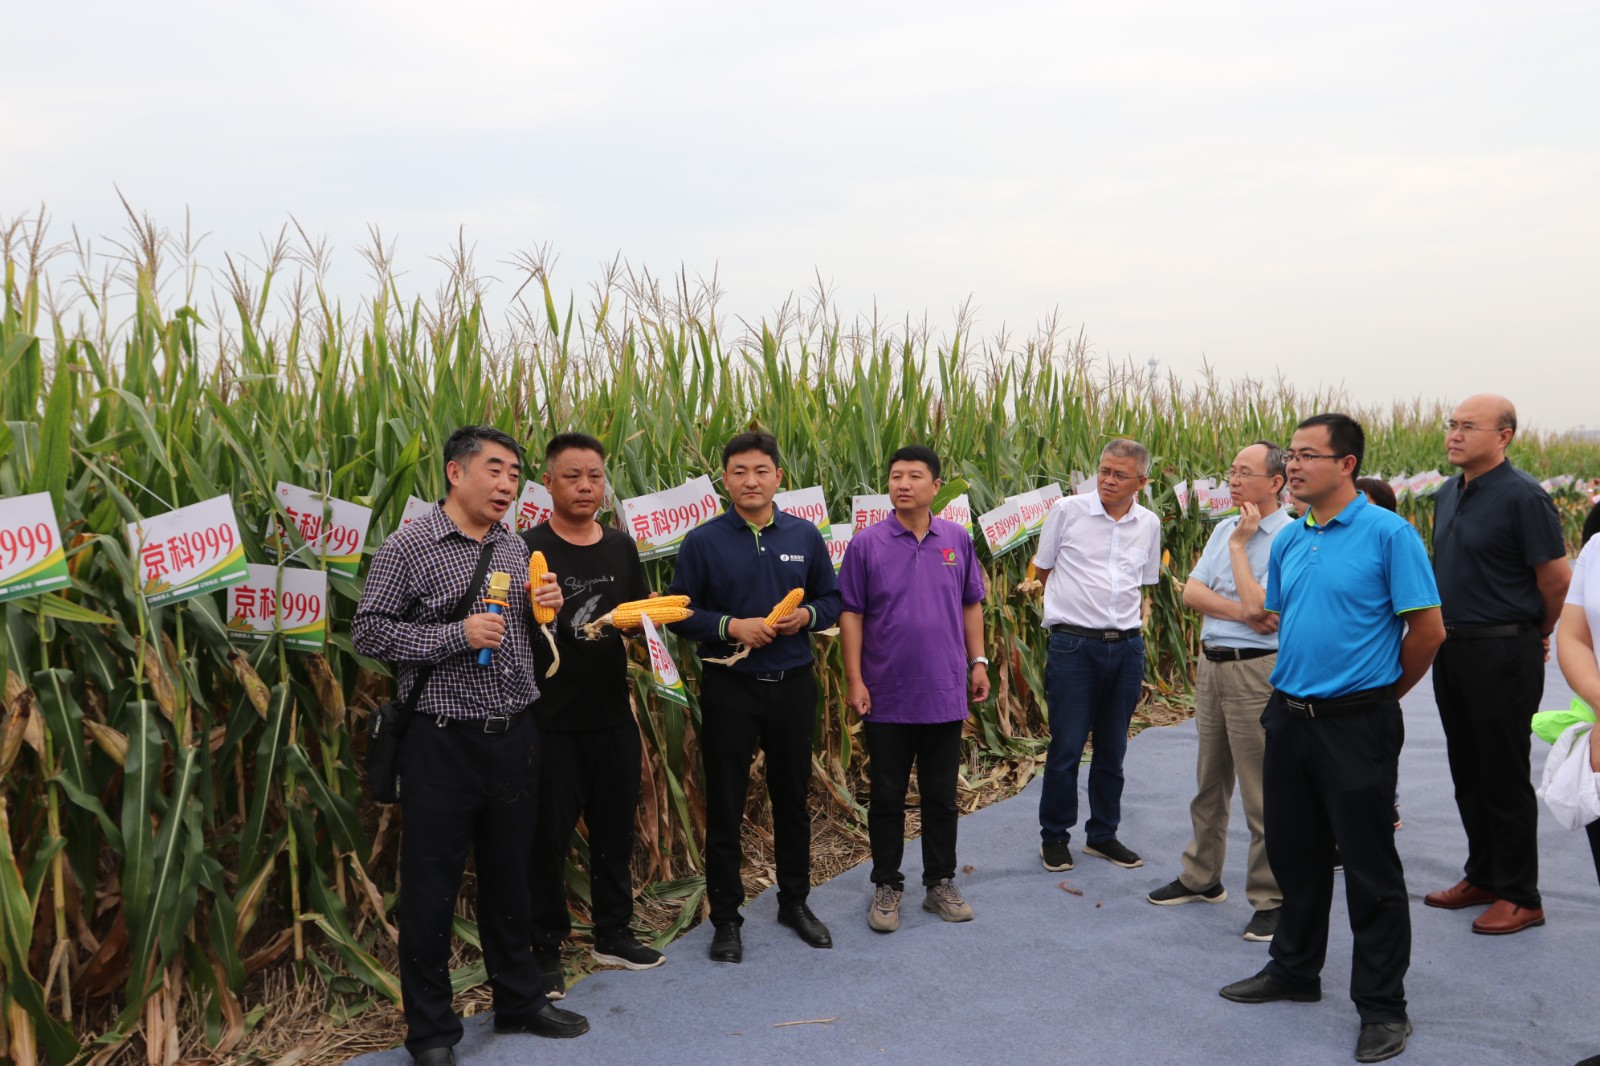 玉米品种MC121、京科999示范推广观摩活动举行